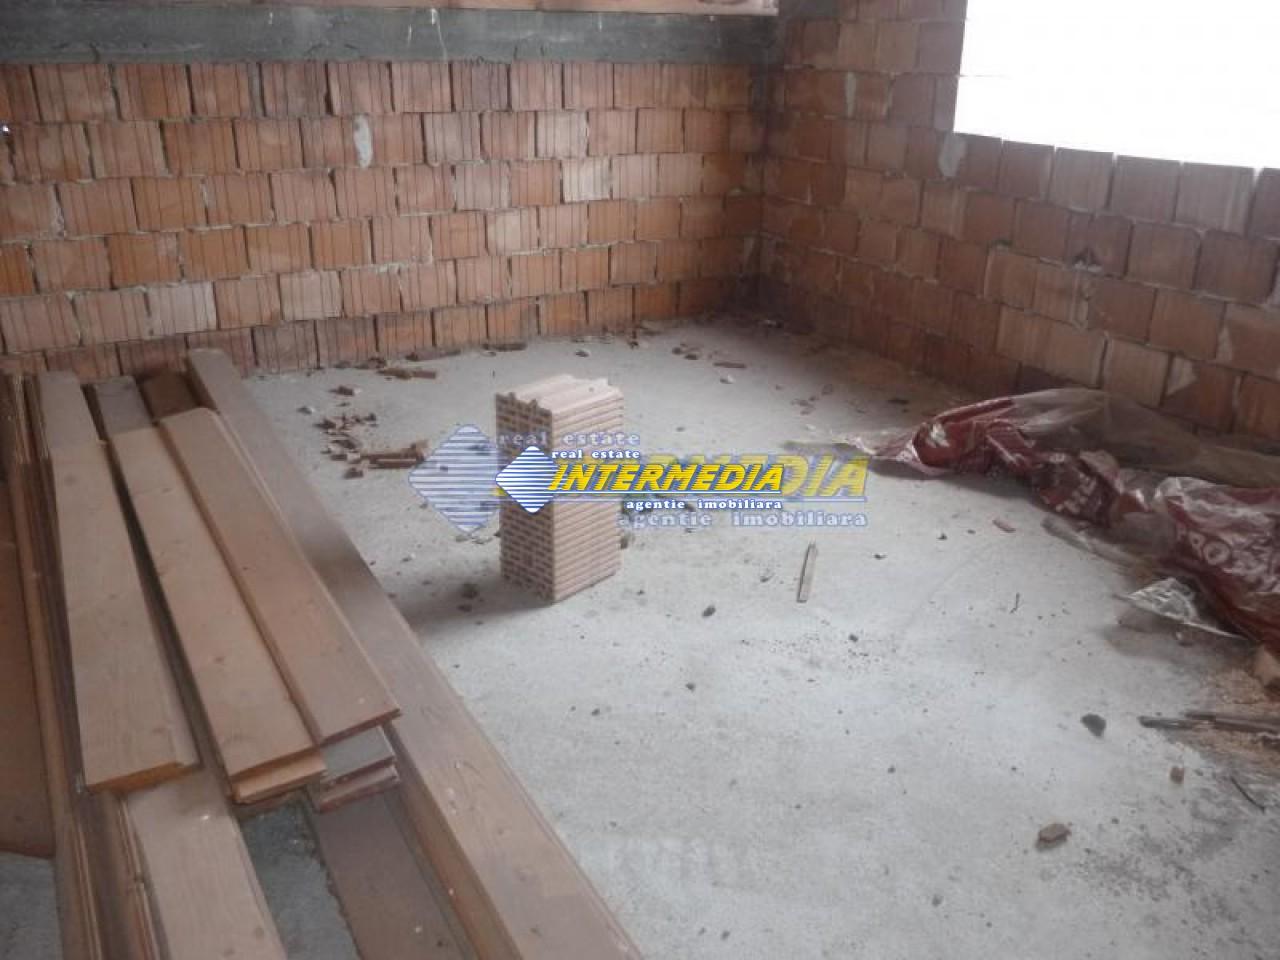 Casa de vanzare Alba Iulia in rosu 40000 Euro-17777-8